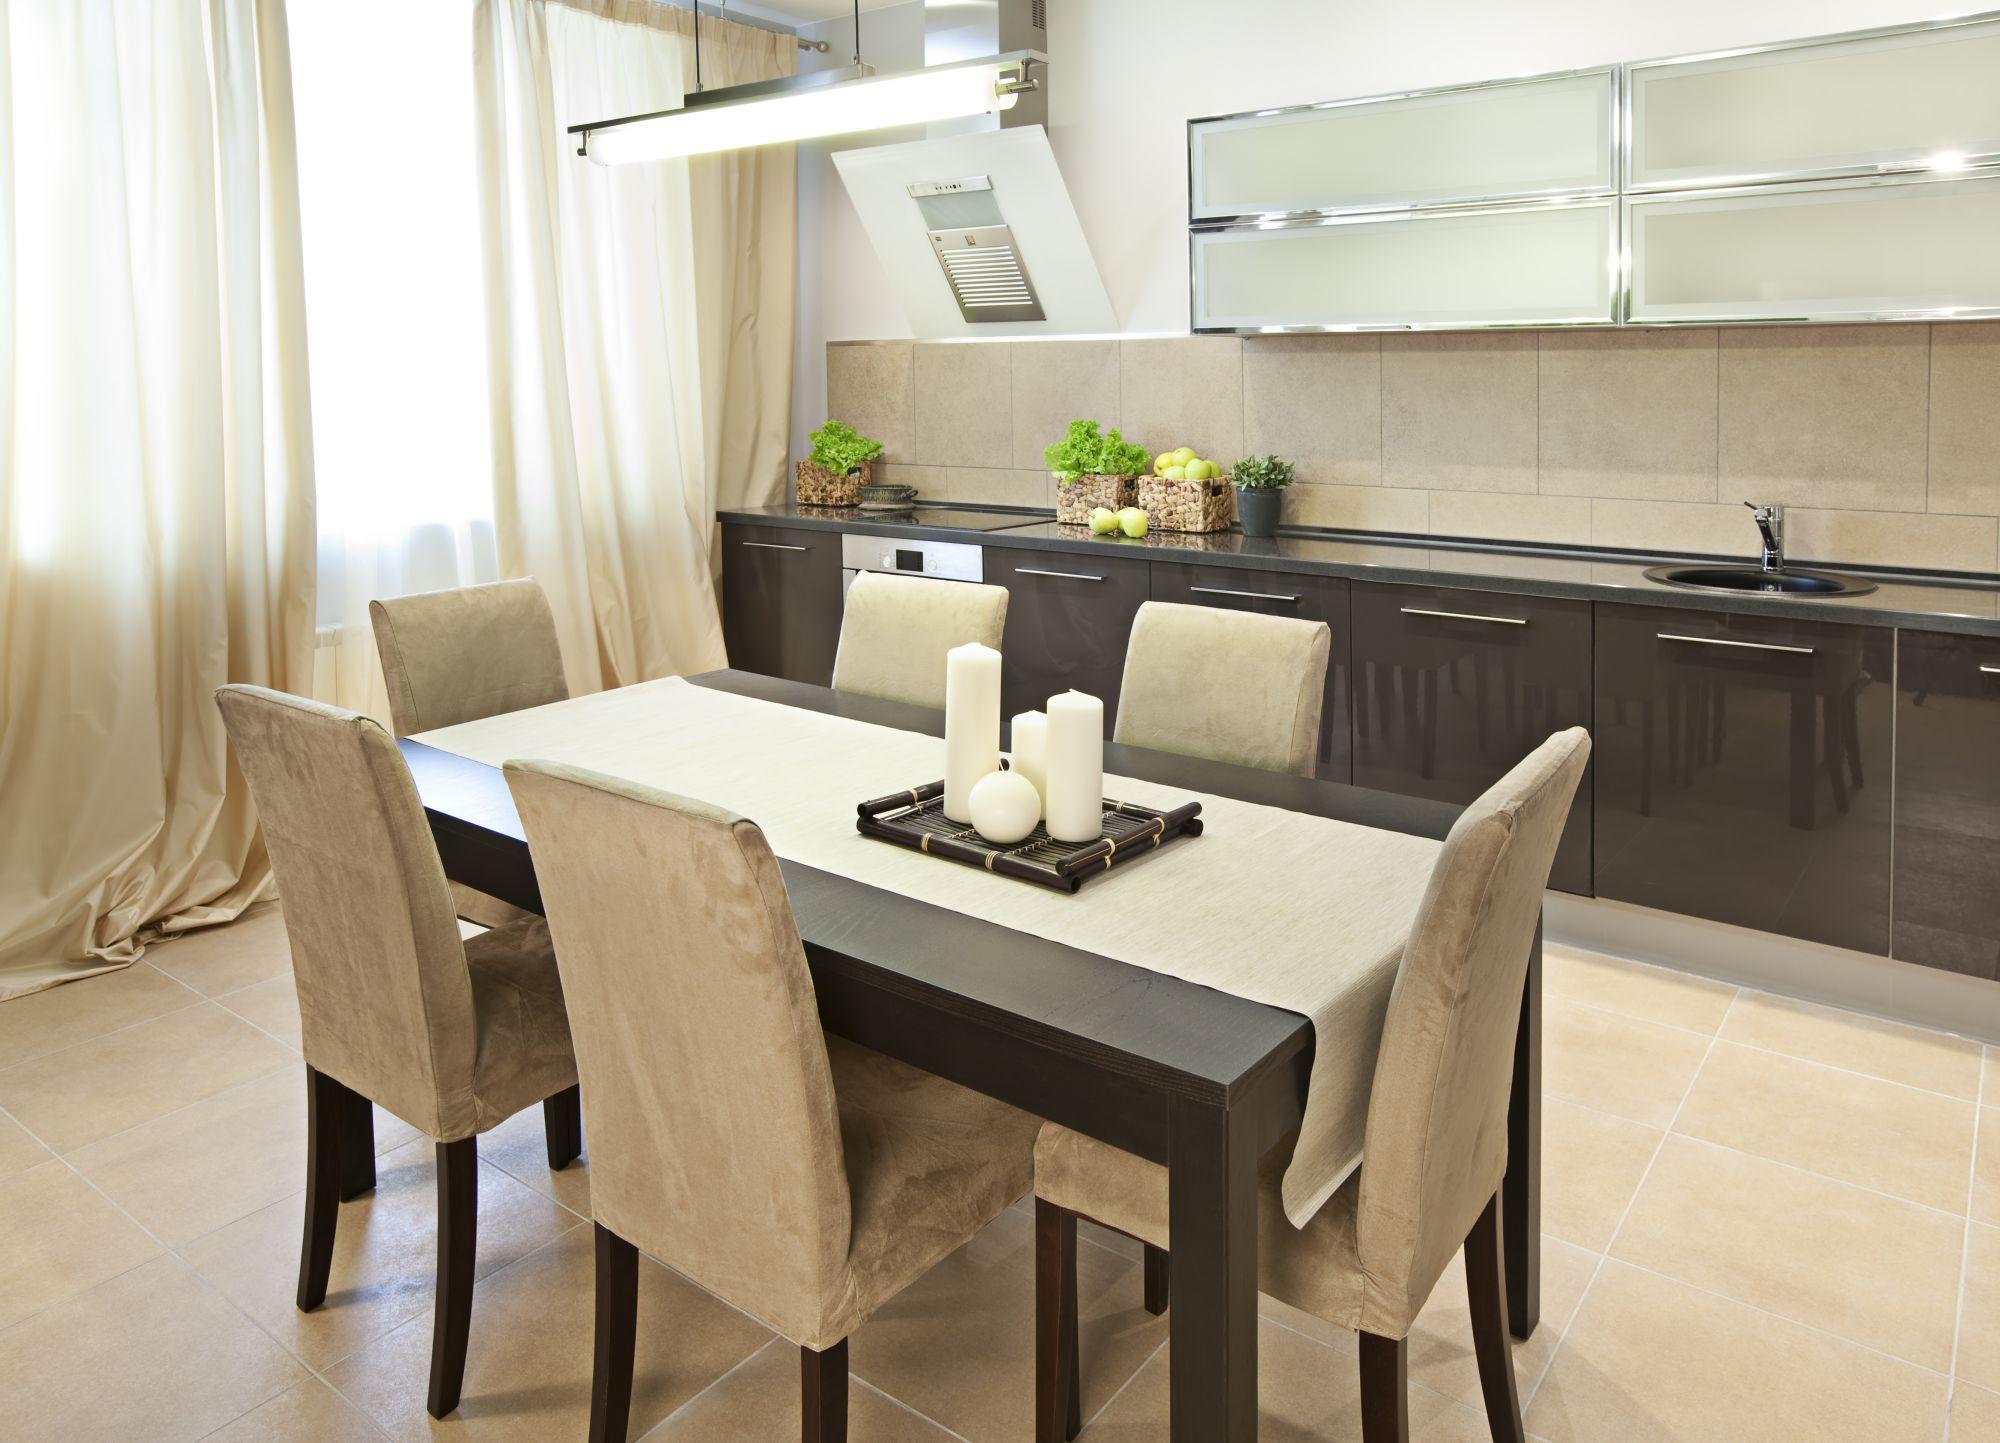 Обеденный стол в интерьере кухни фото